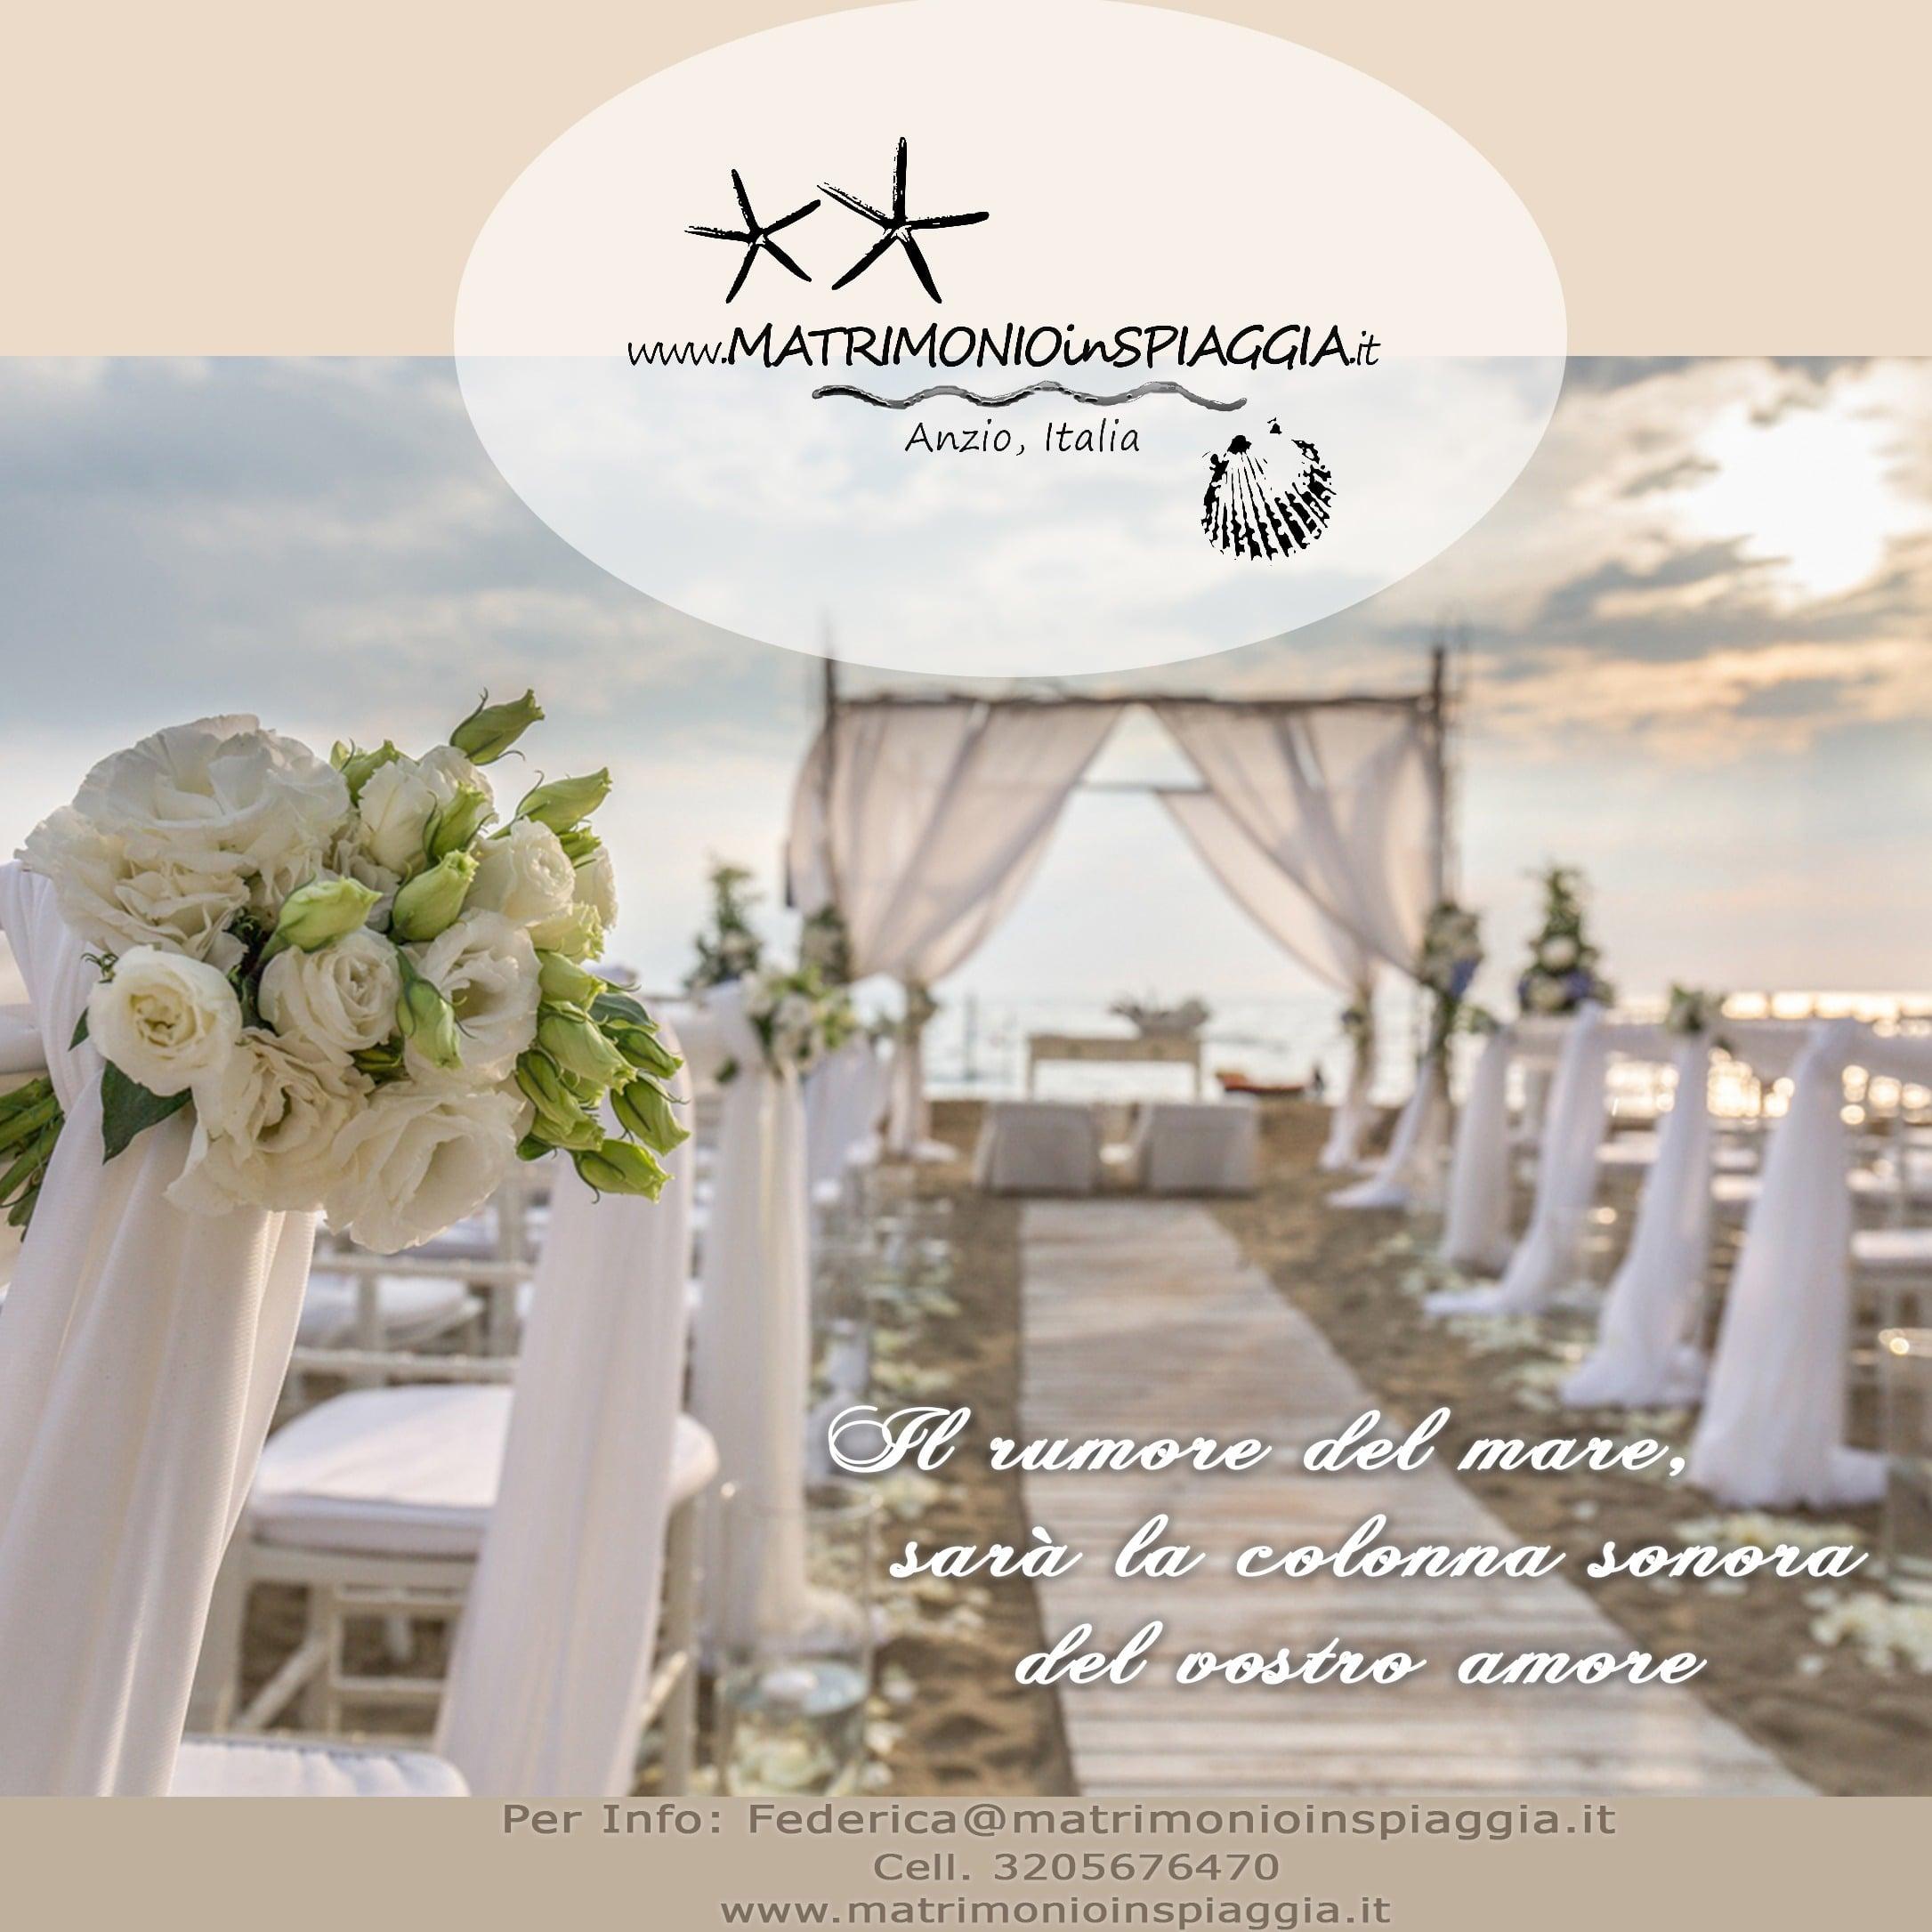 Matrimonio Spiaggia Anzio : I migliori realizzatori di bomboniere a anzio con preventivi